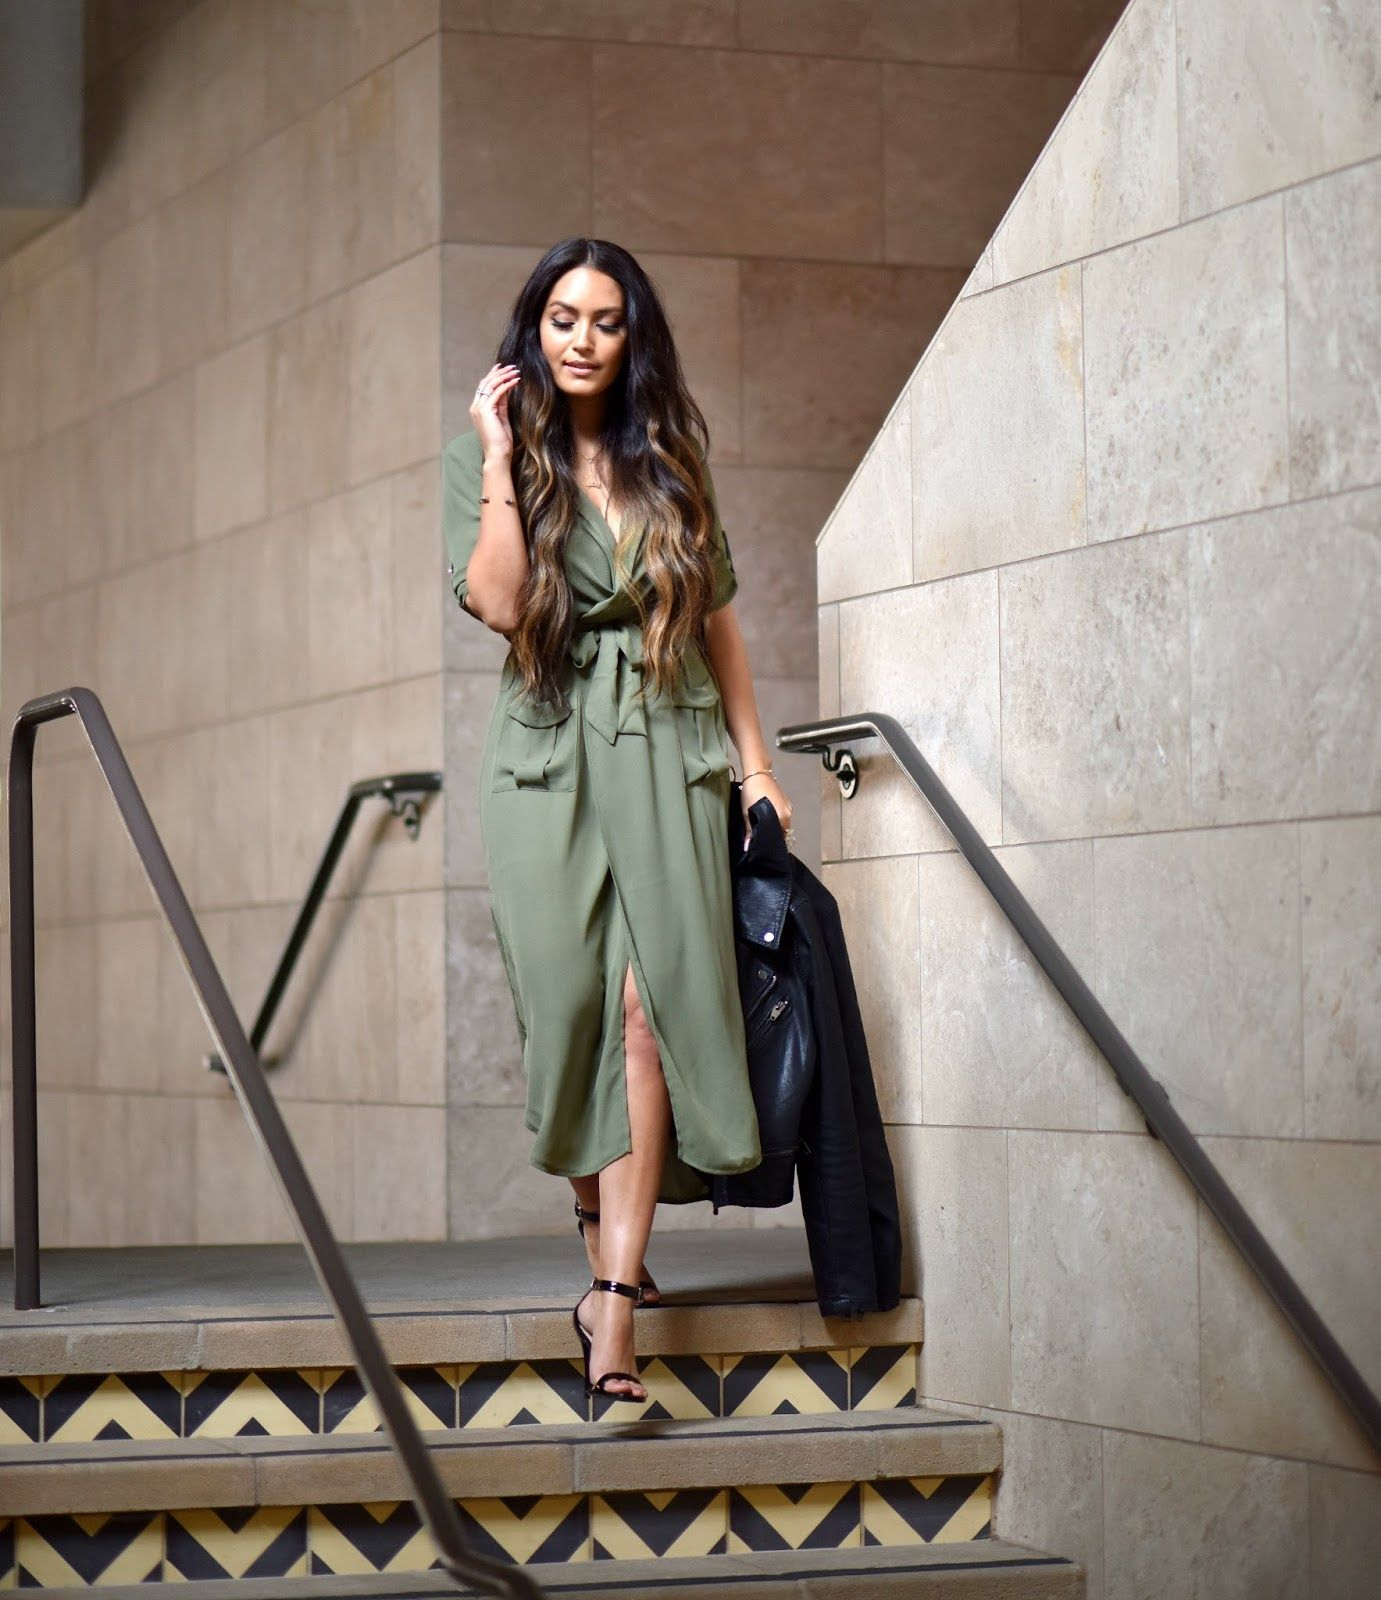 45517d0c09b1 Vanessa Balli  Olive Green Dress